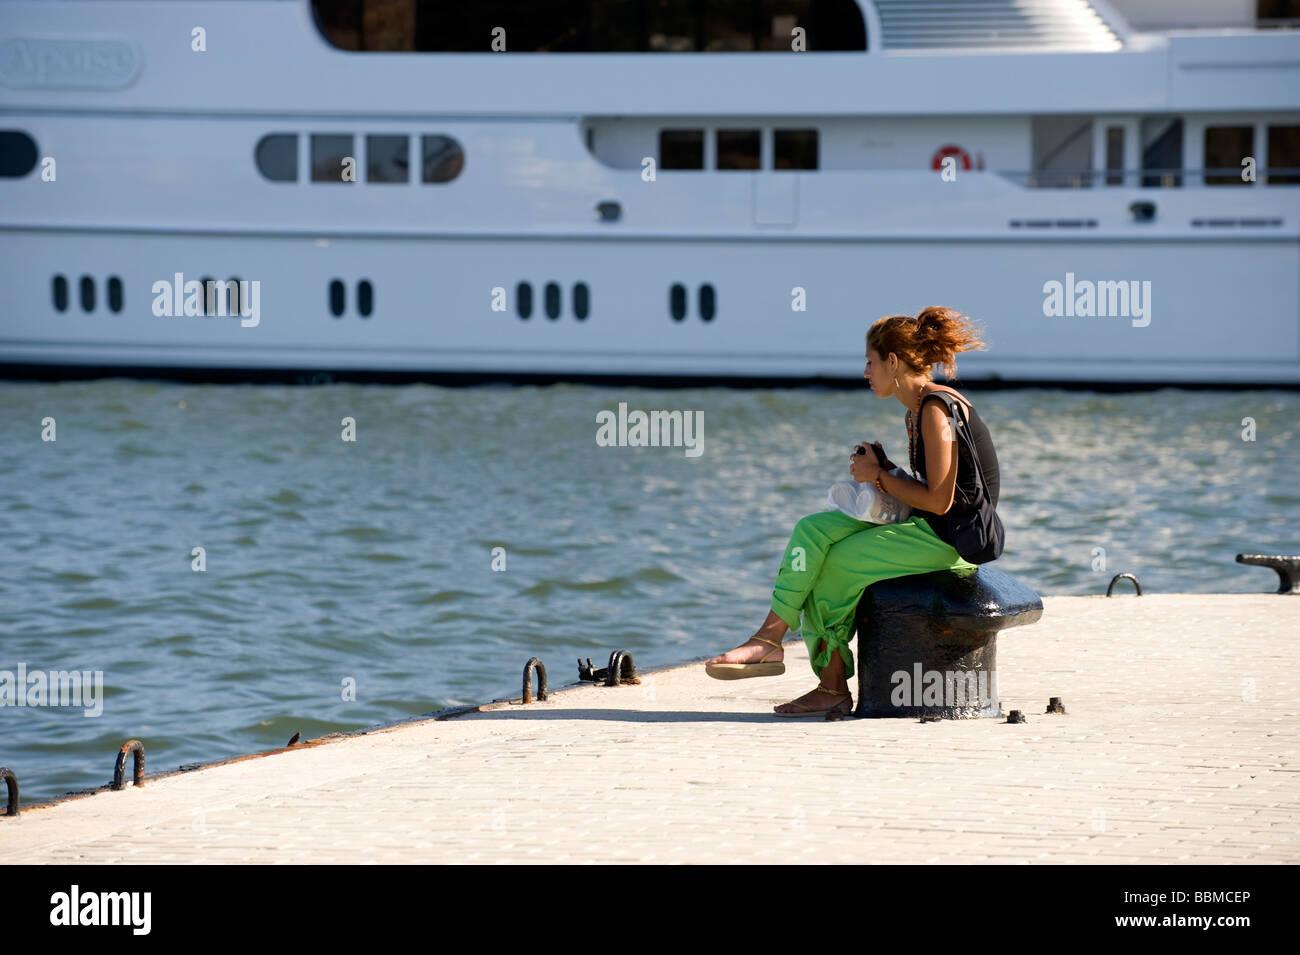 Fille assise sur un poste d'amarrage dans le port de La Havane, Cuba Photo Stock